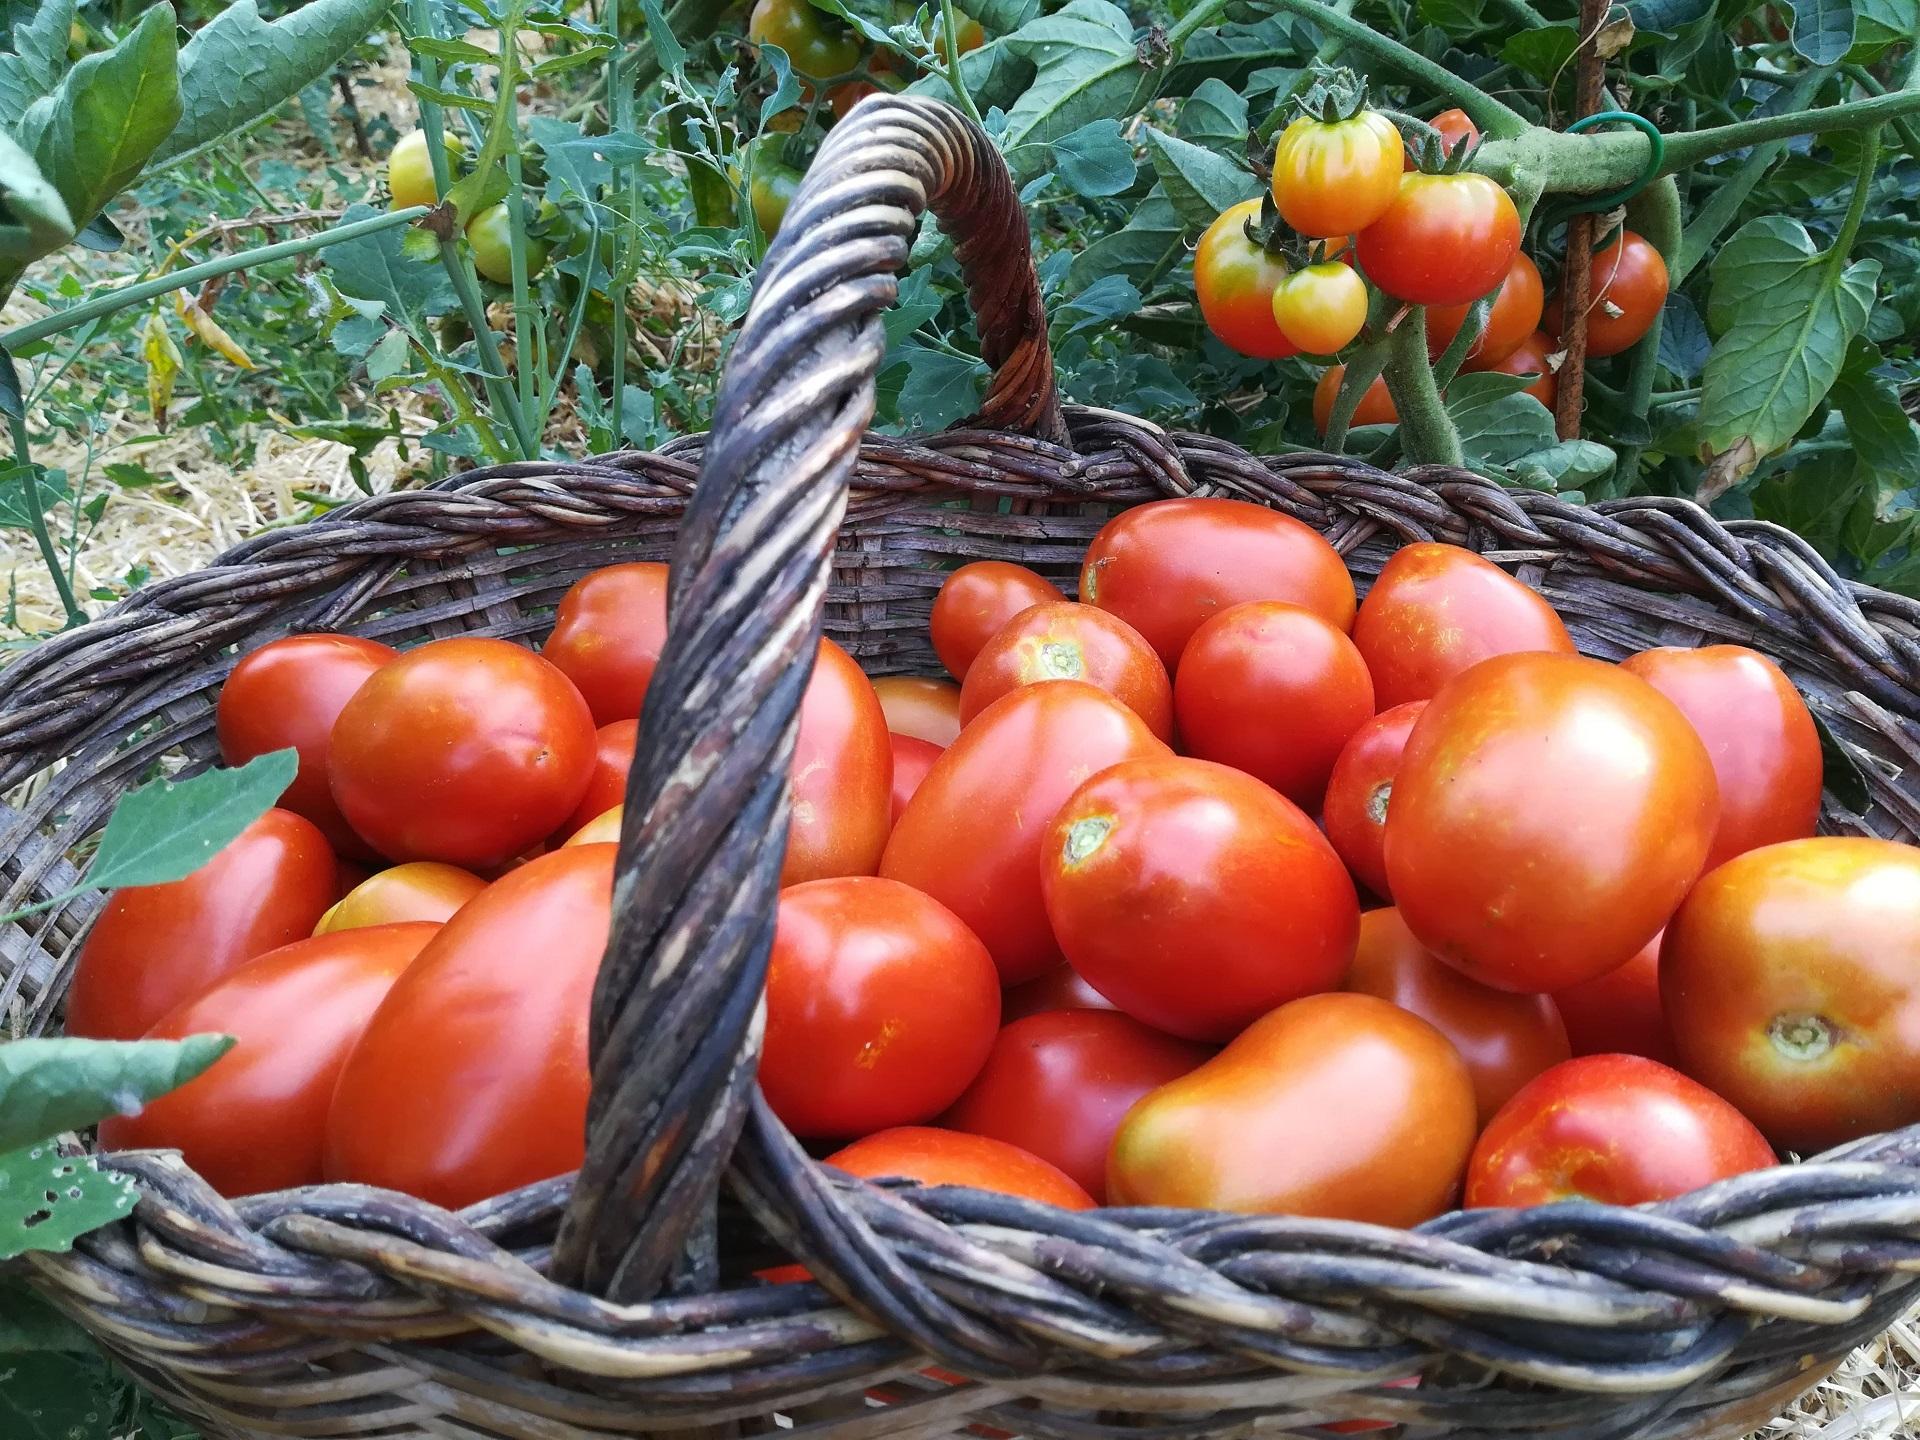 Tomaquets ecologics